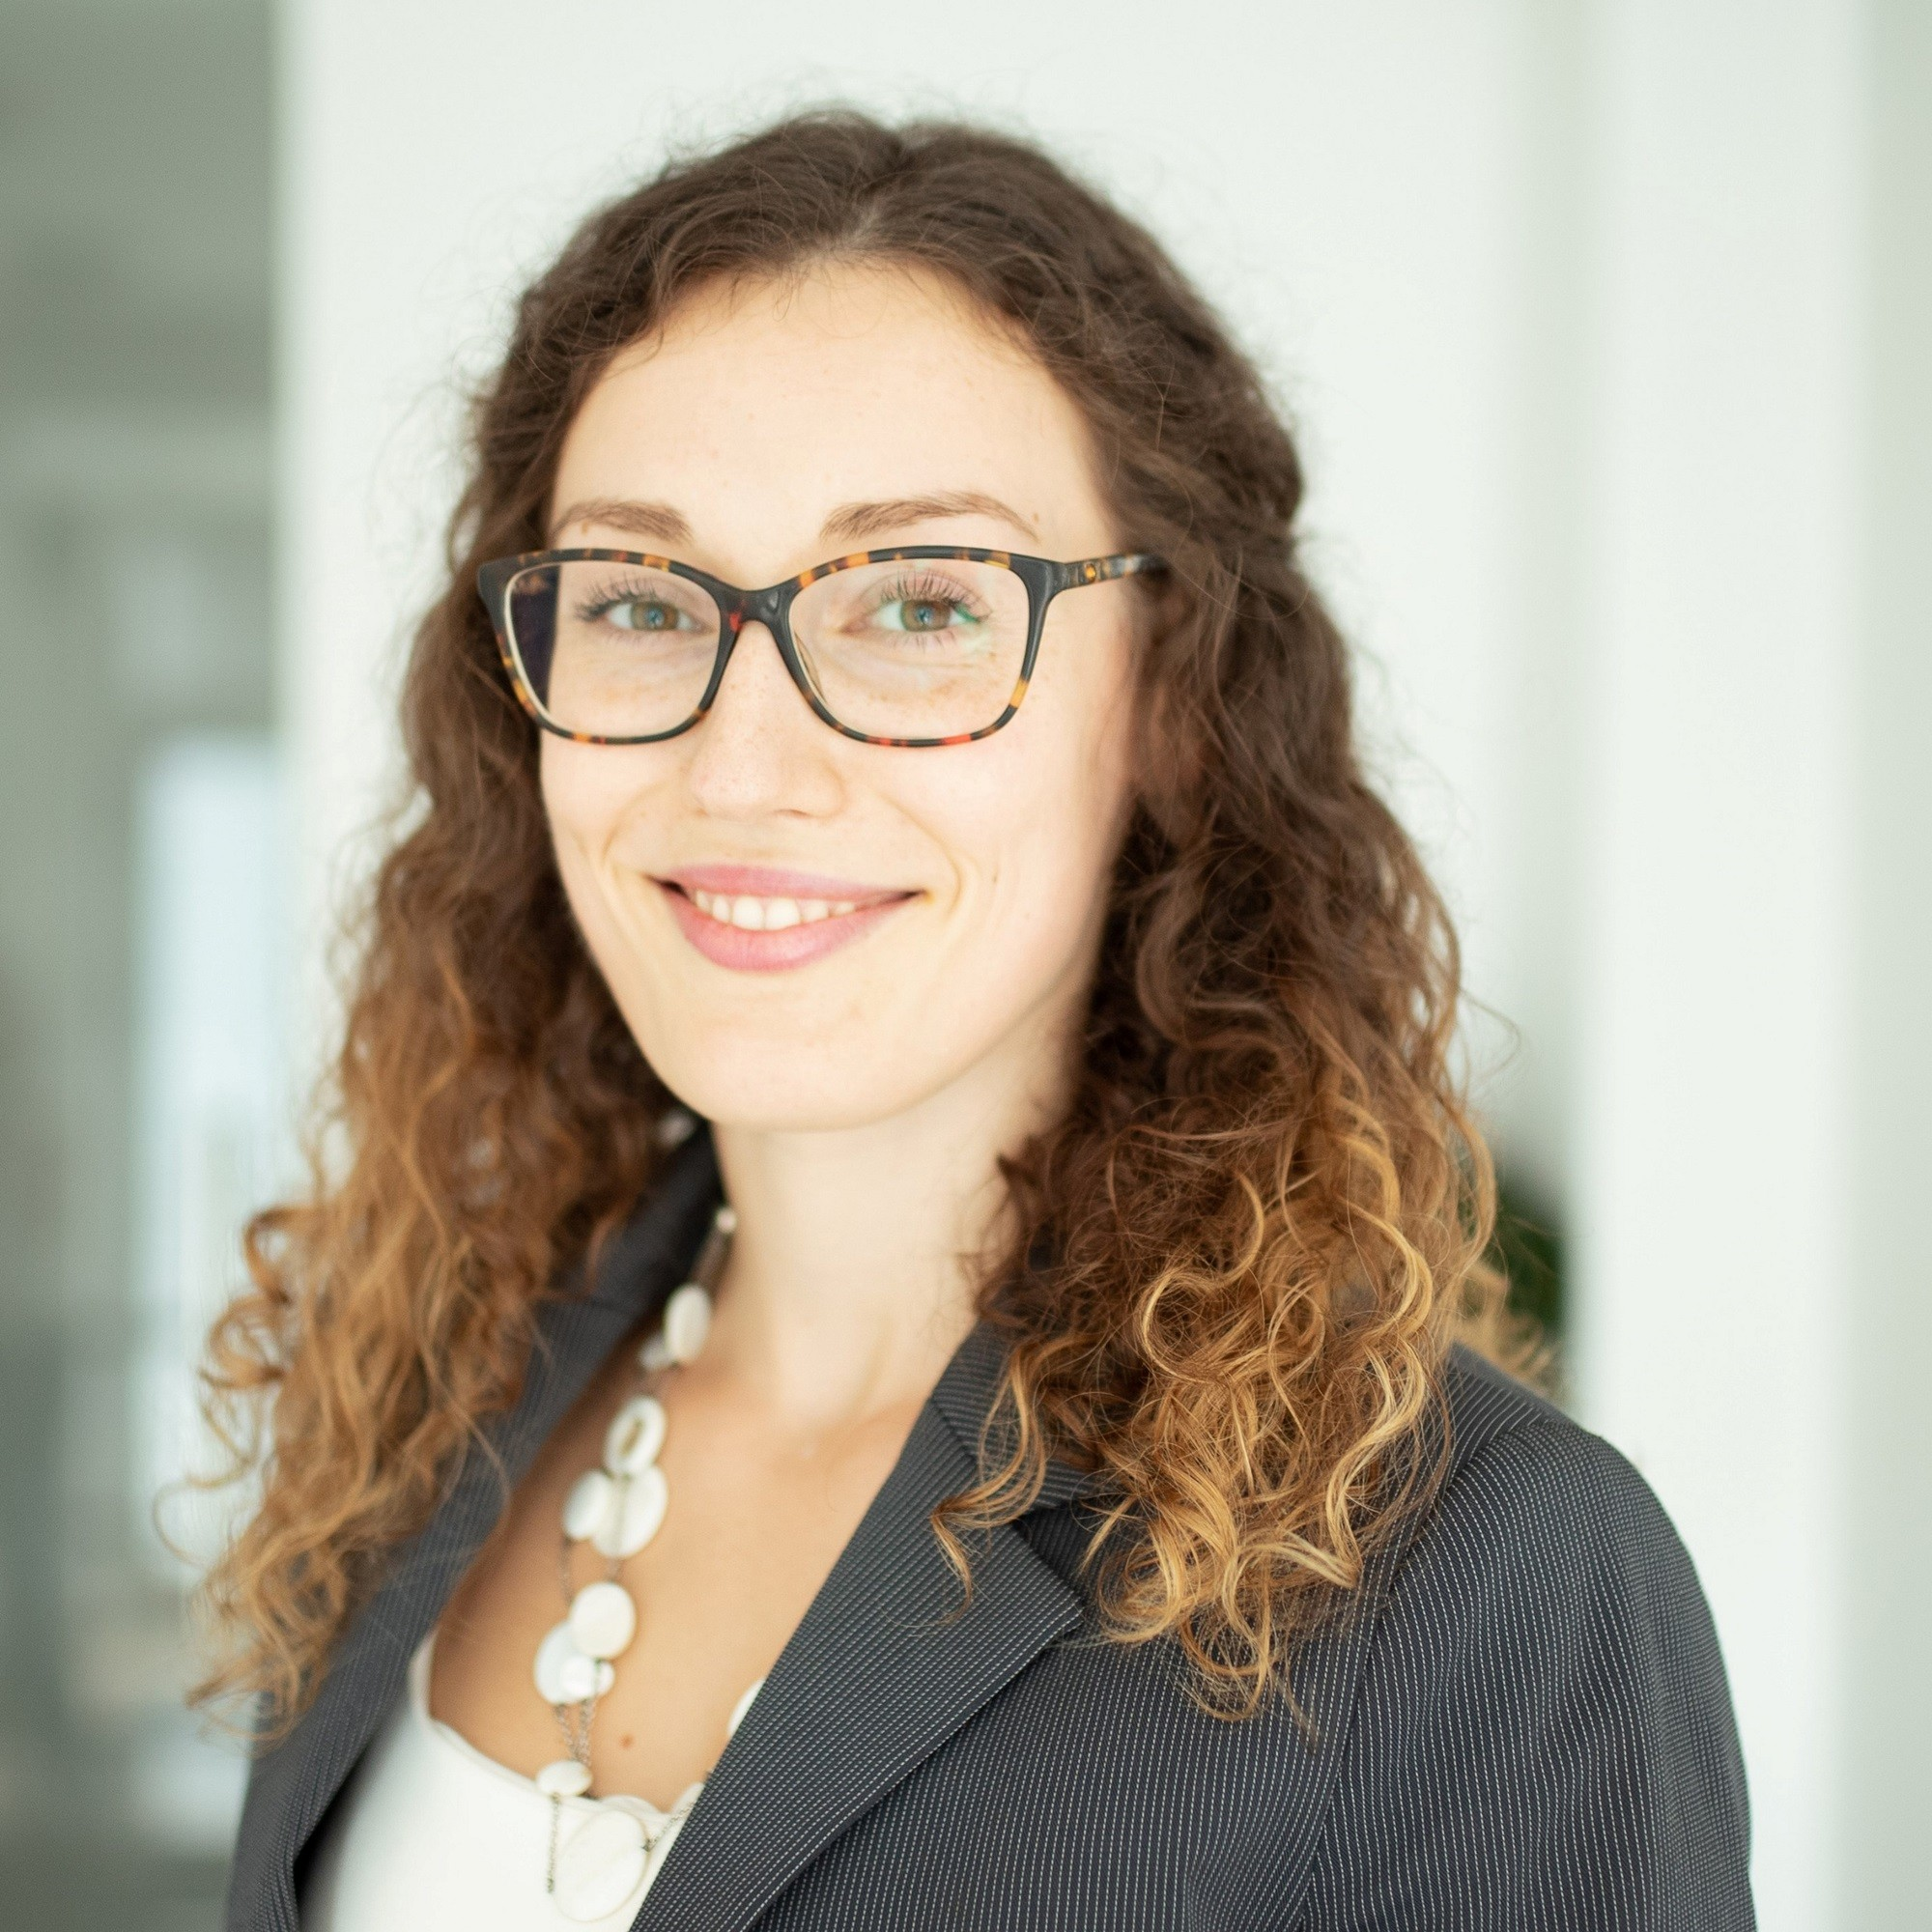 Jelena Velimir